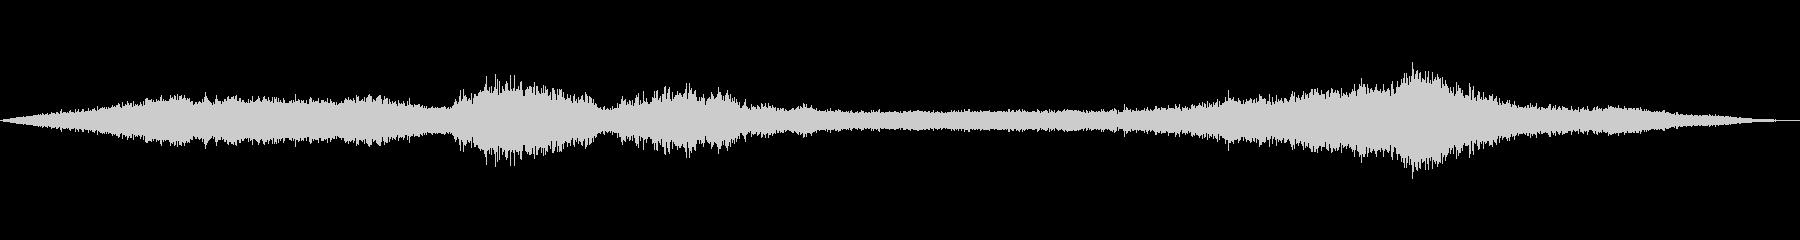 風の効果音(自然、そよ風、ビル風等)03の未再生の波形